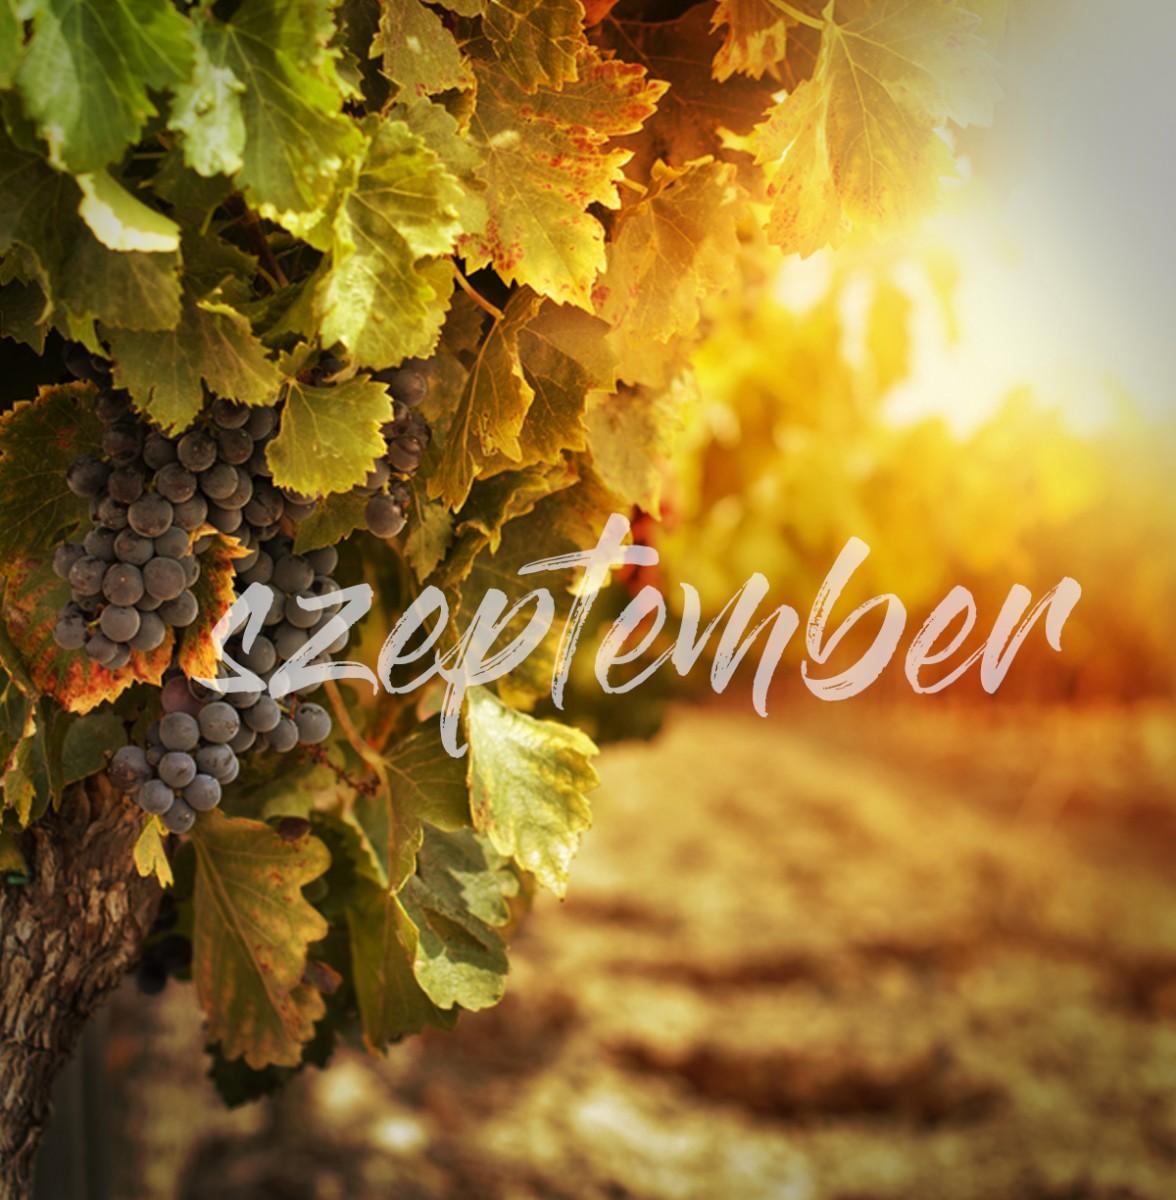 Mi történik szeptemberben?